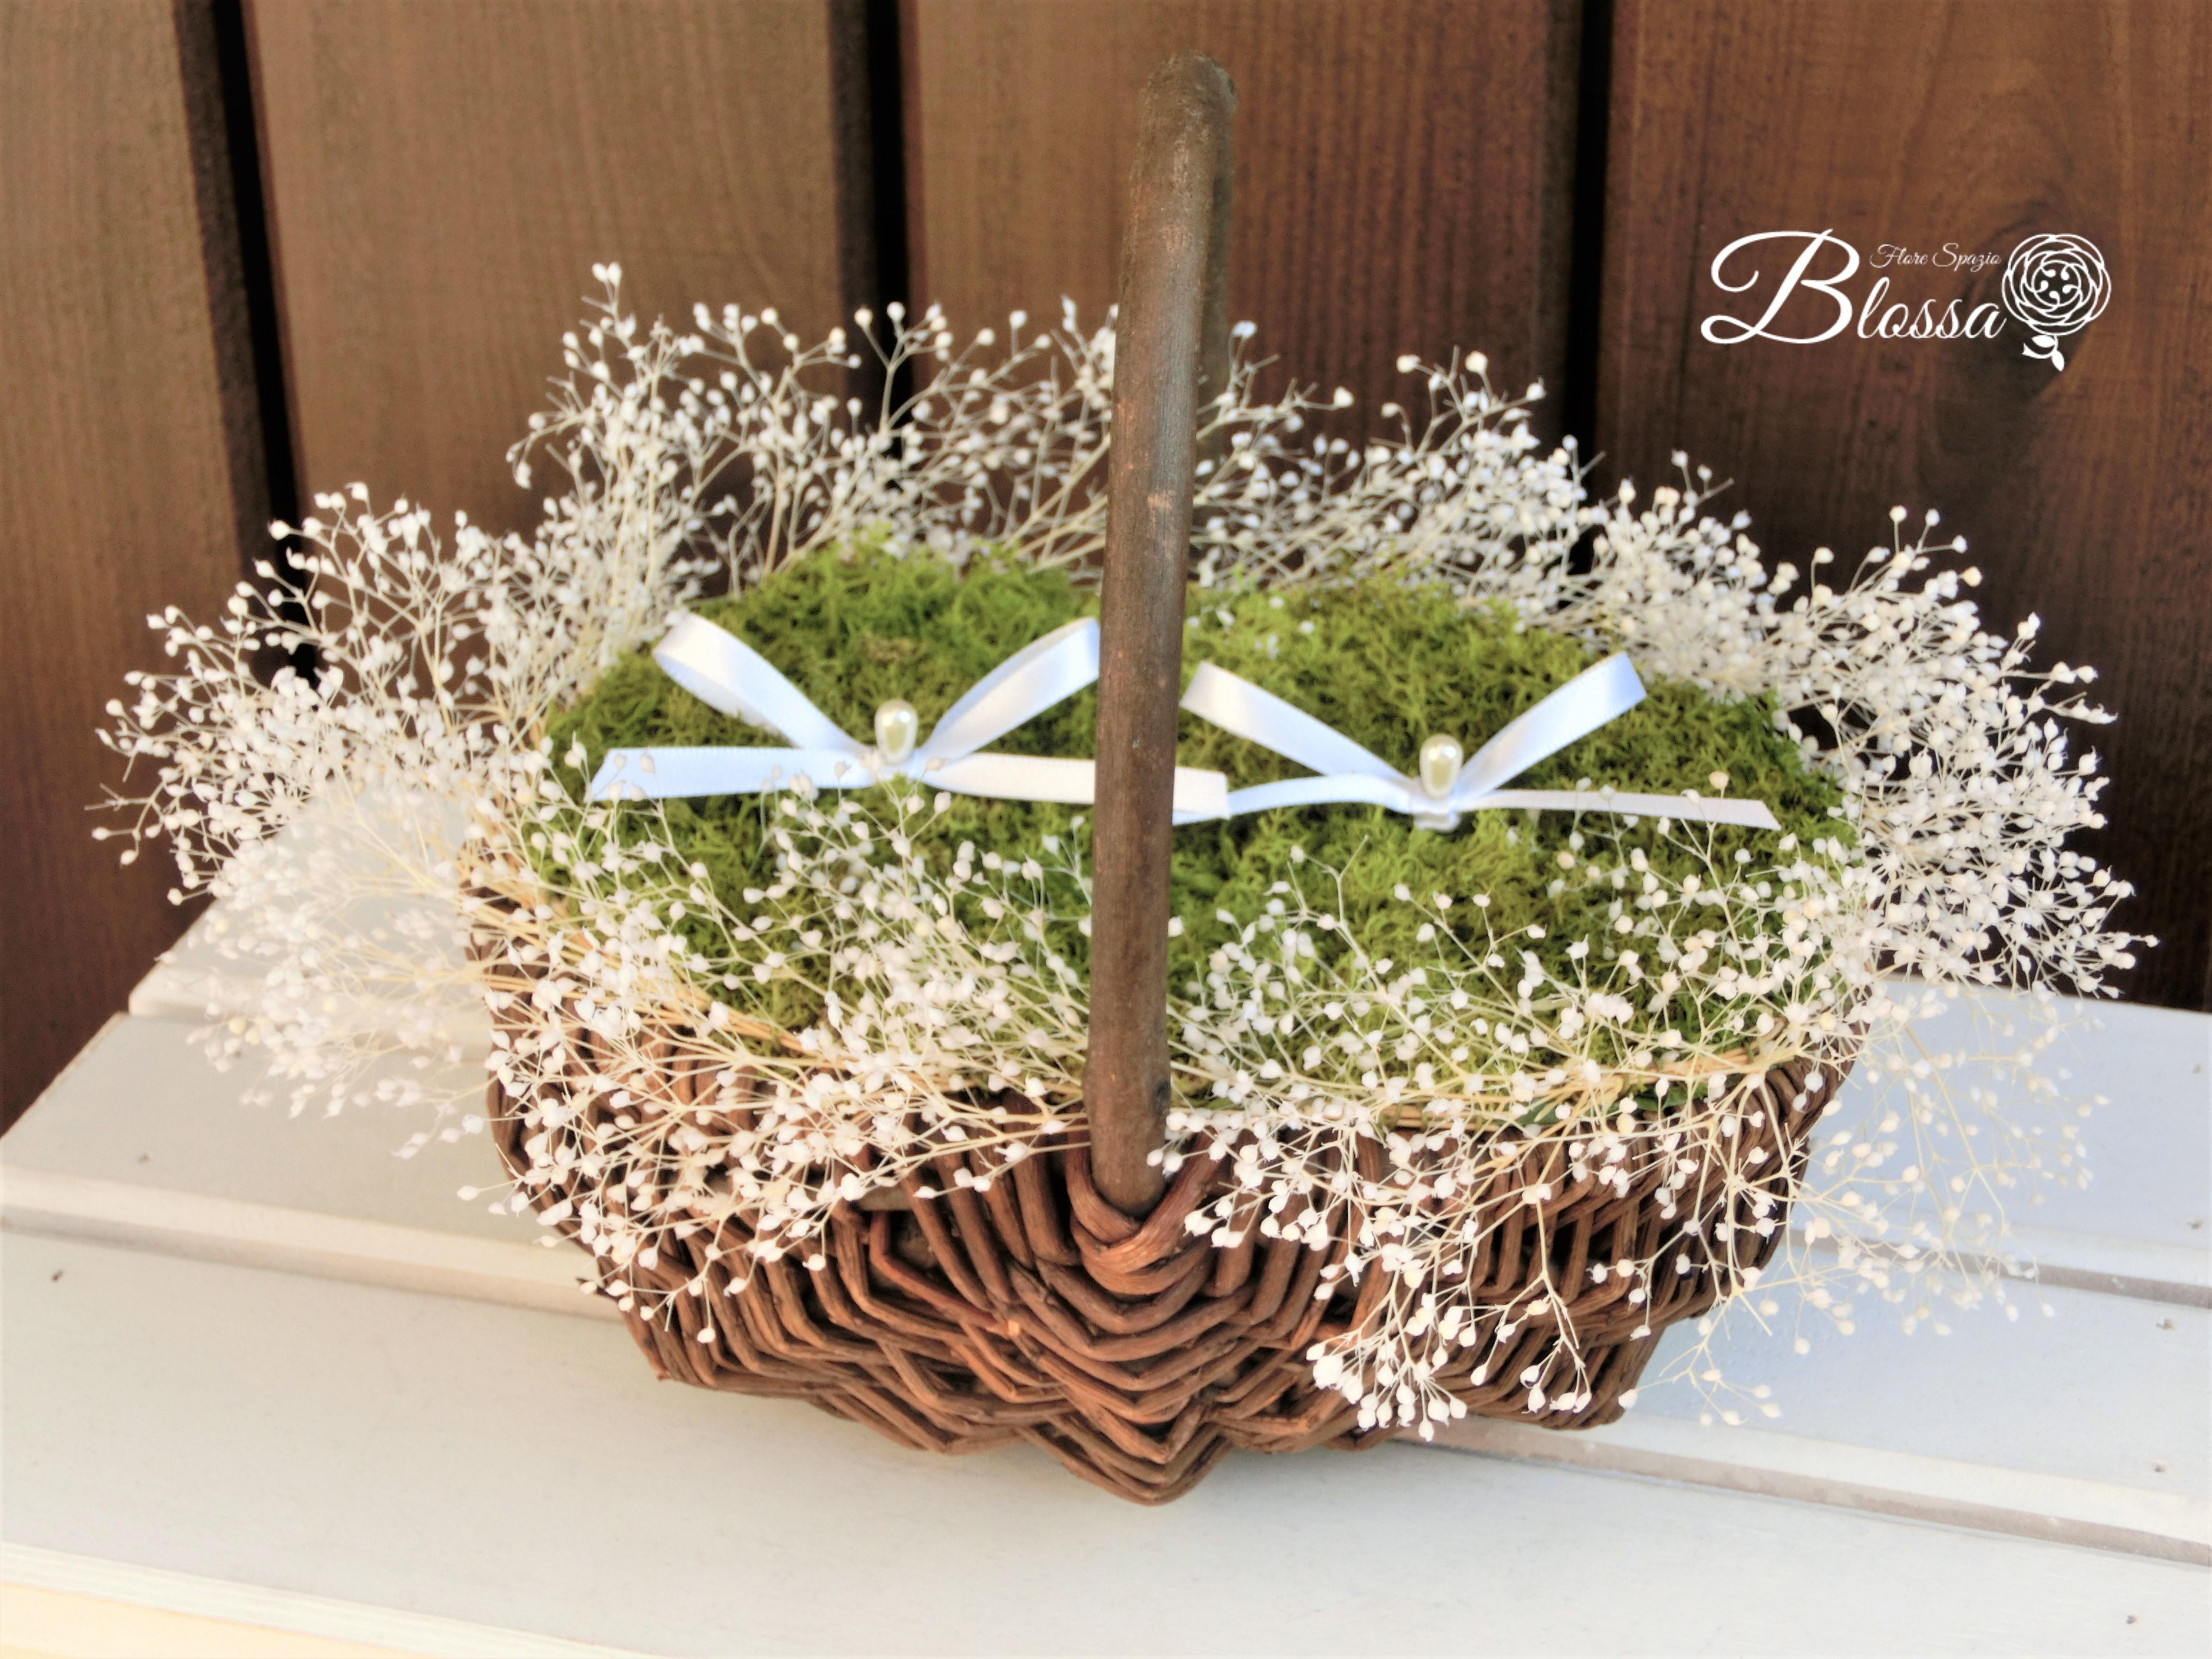 プリザーブドフラワー リングピロー カスミソウ花かご バスケット リングガール&リングボーイ